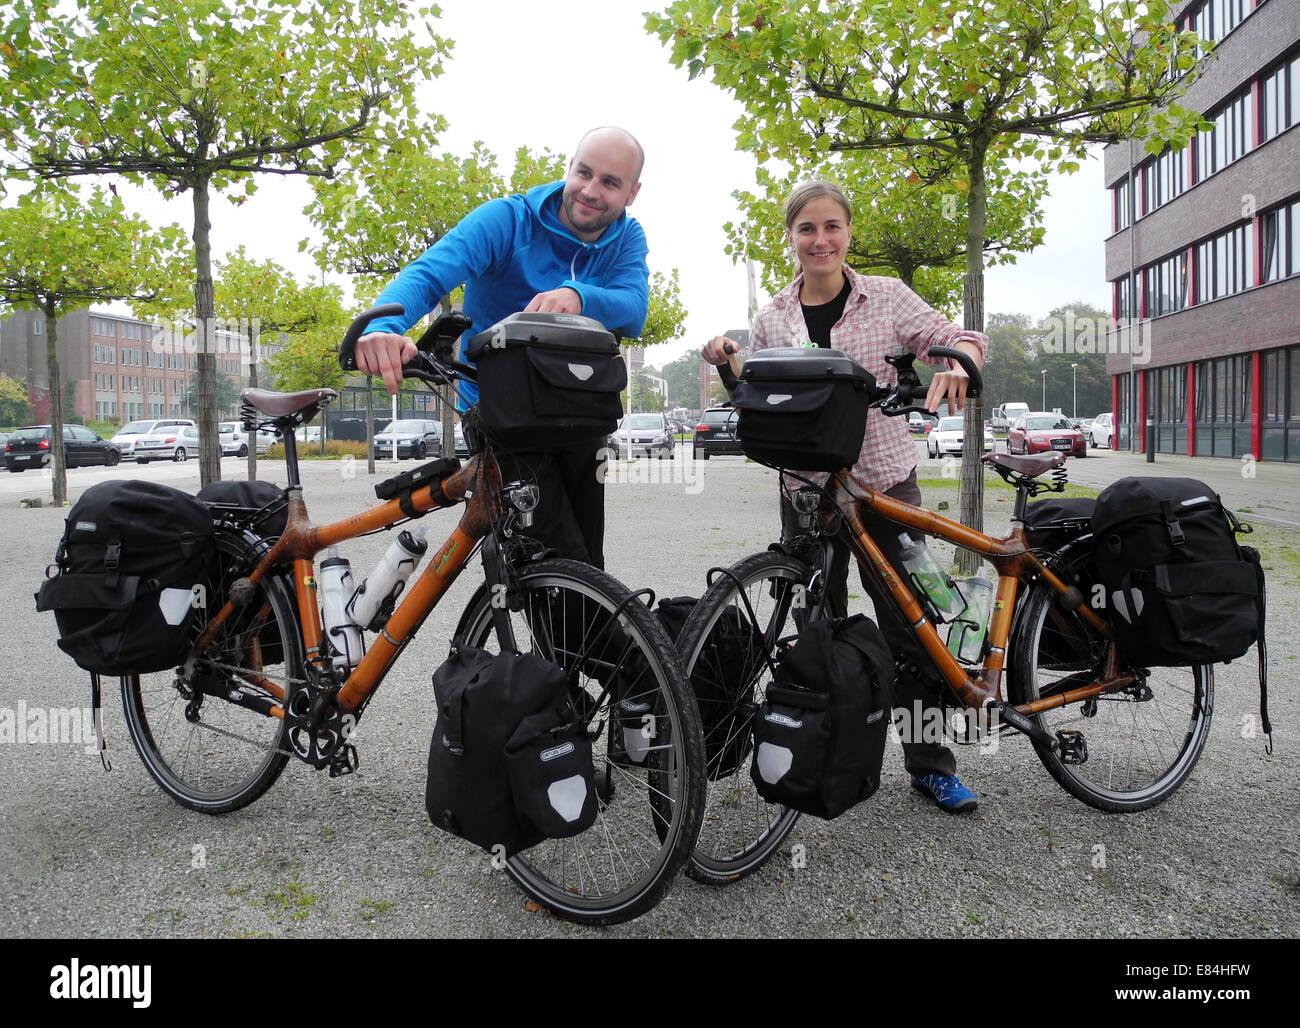 Karina Poser R Und Ihr Ehemann Tim Stehen Mit Dem Bambus Fahrrad